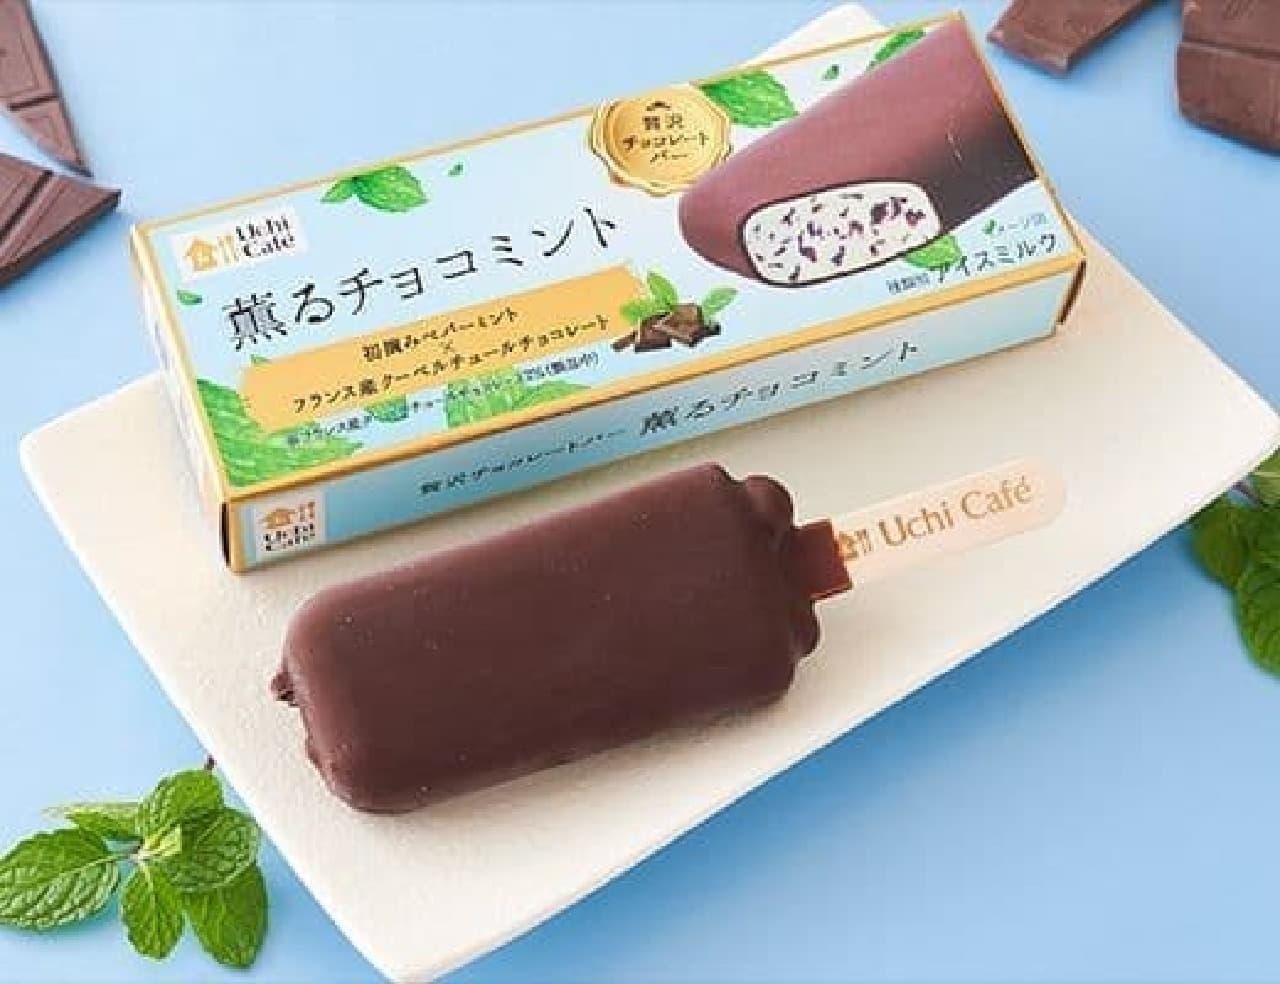 ローソン「ウチカフェ 贅沢チョコレートバー 薫るチョコミント 70ml」